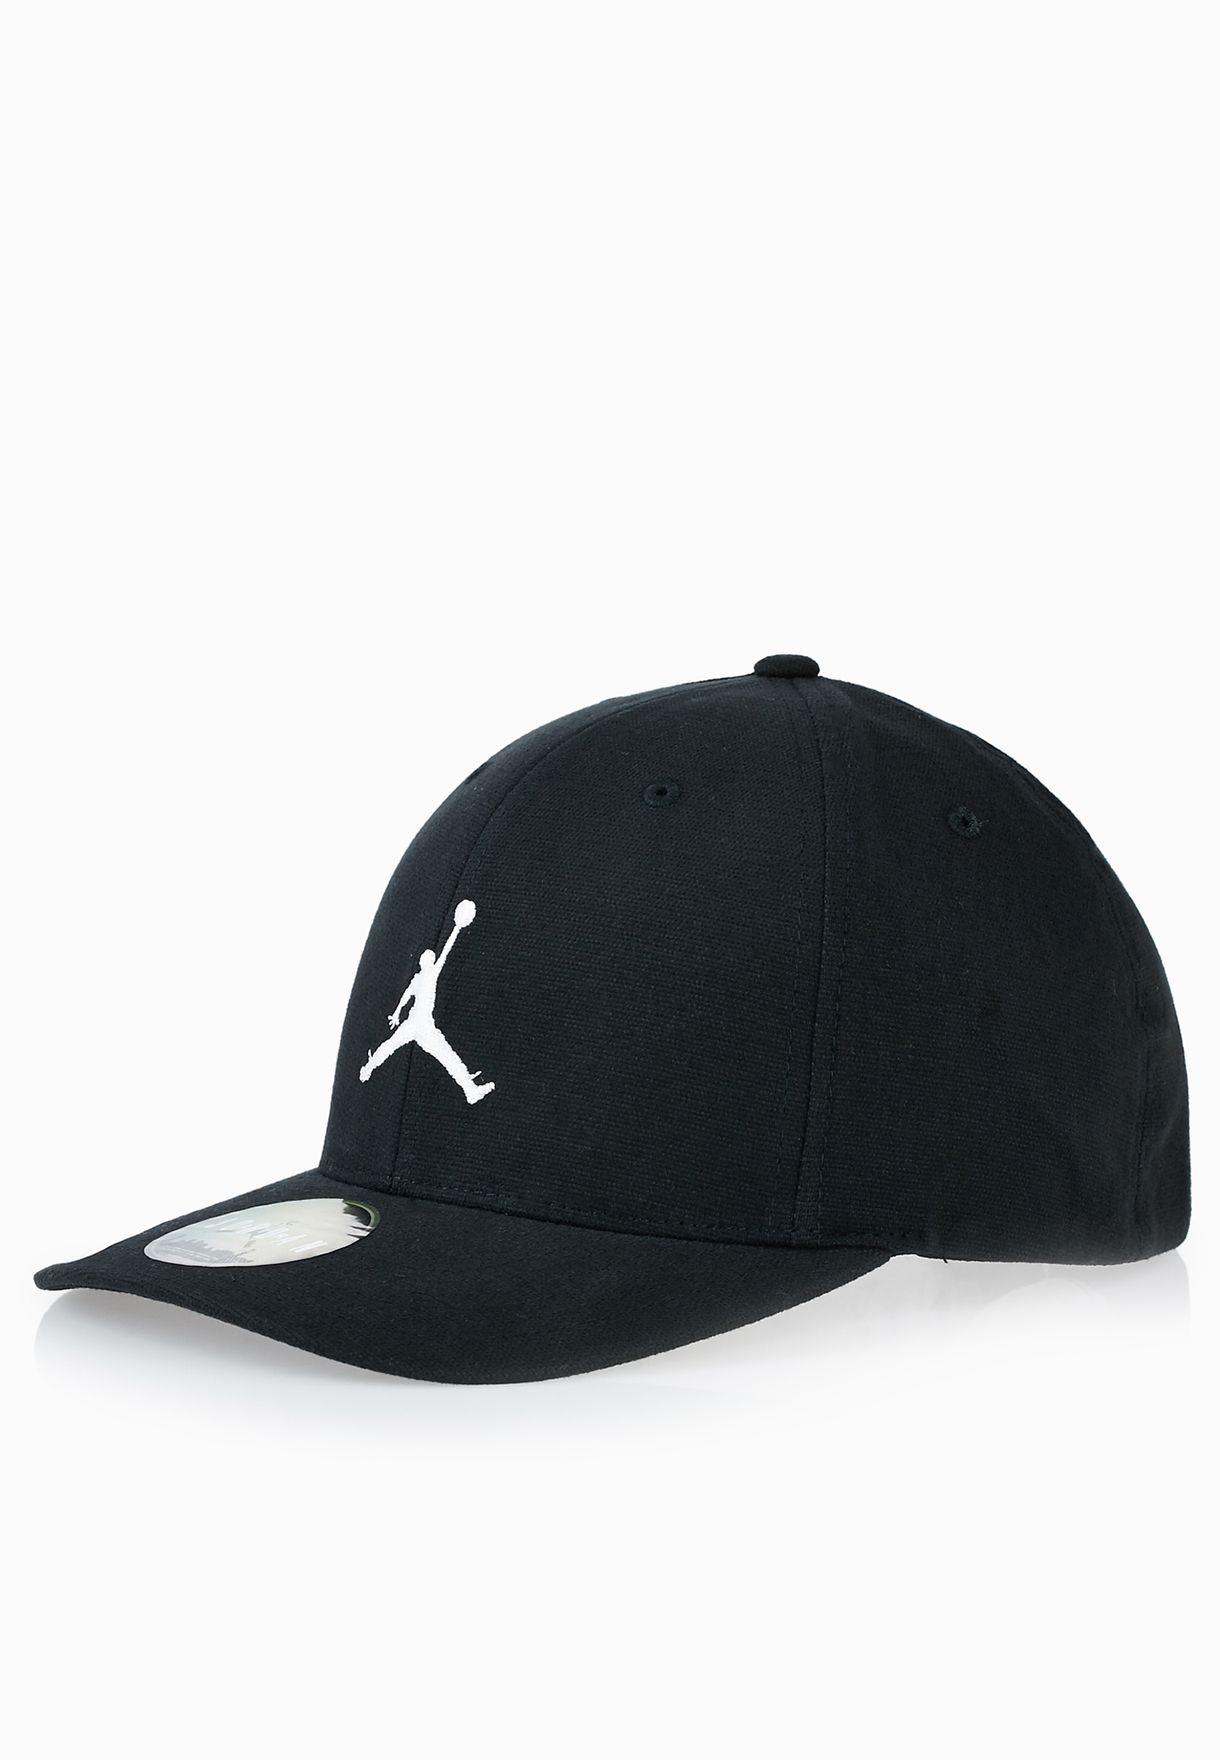 f3e81dafd64fb8 ... hat d8940 d83e7  coupon for shop nike black jordan flex fit cap 606365  014 for men in oman ni727ac06ciz